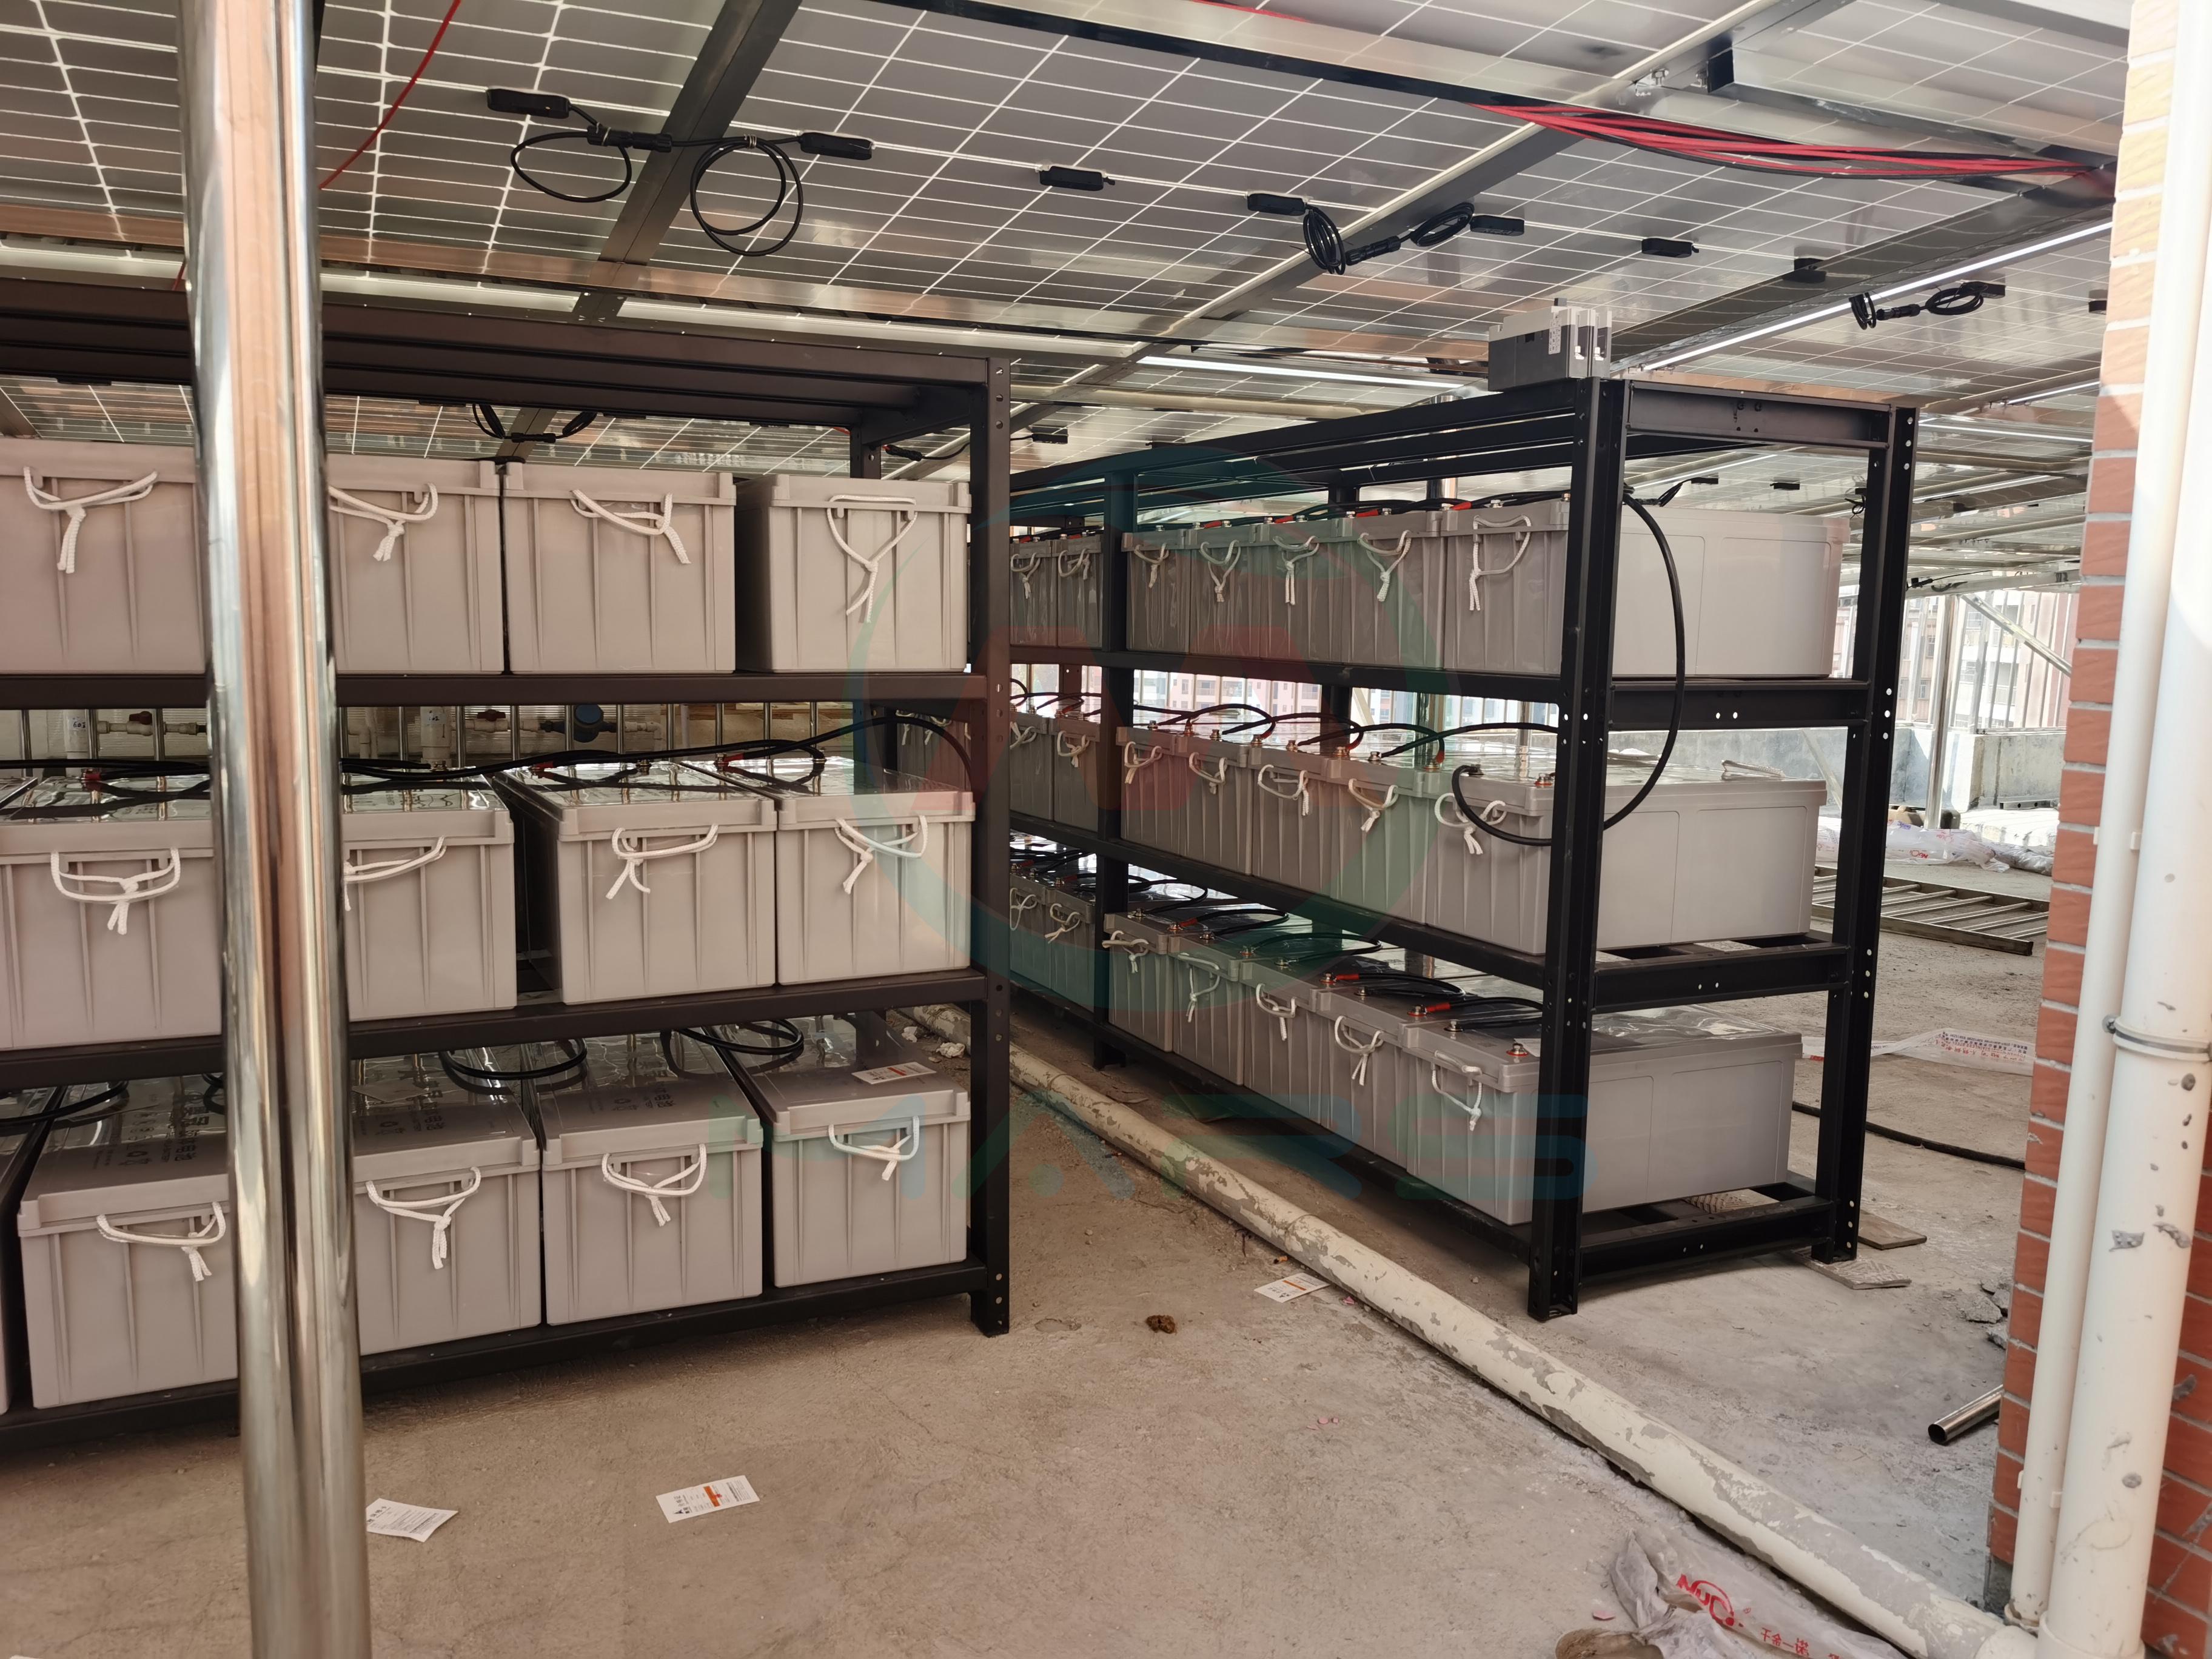 40KW Solar Inverter Kit For Home In Sierra Leone